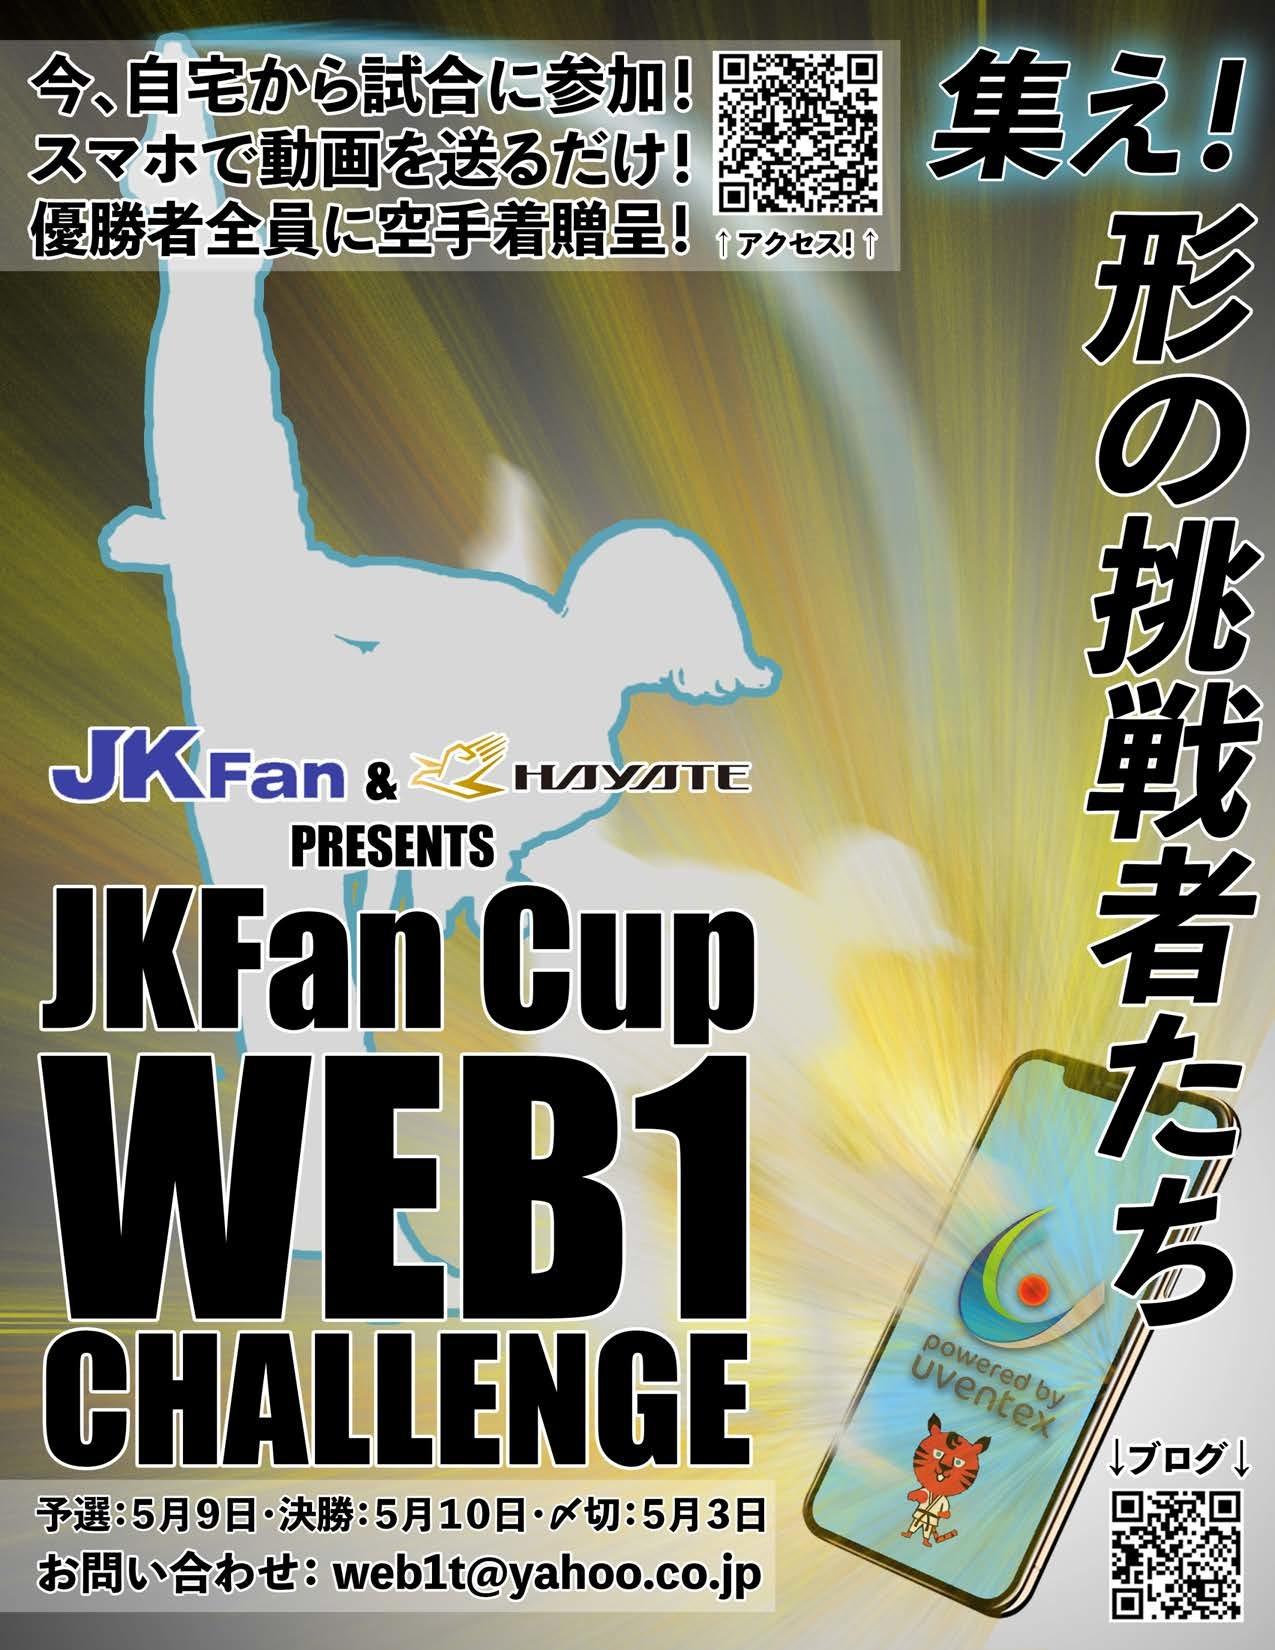 JKFan Cup Web1 Challenge_d0290581_13594646.jpg